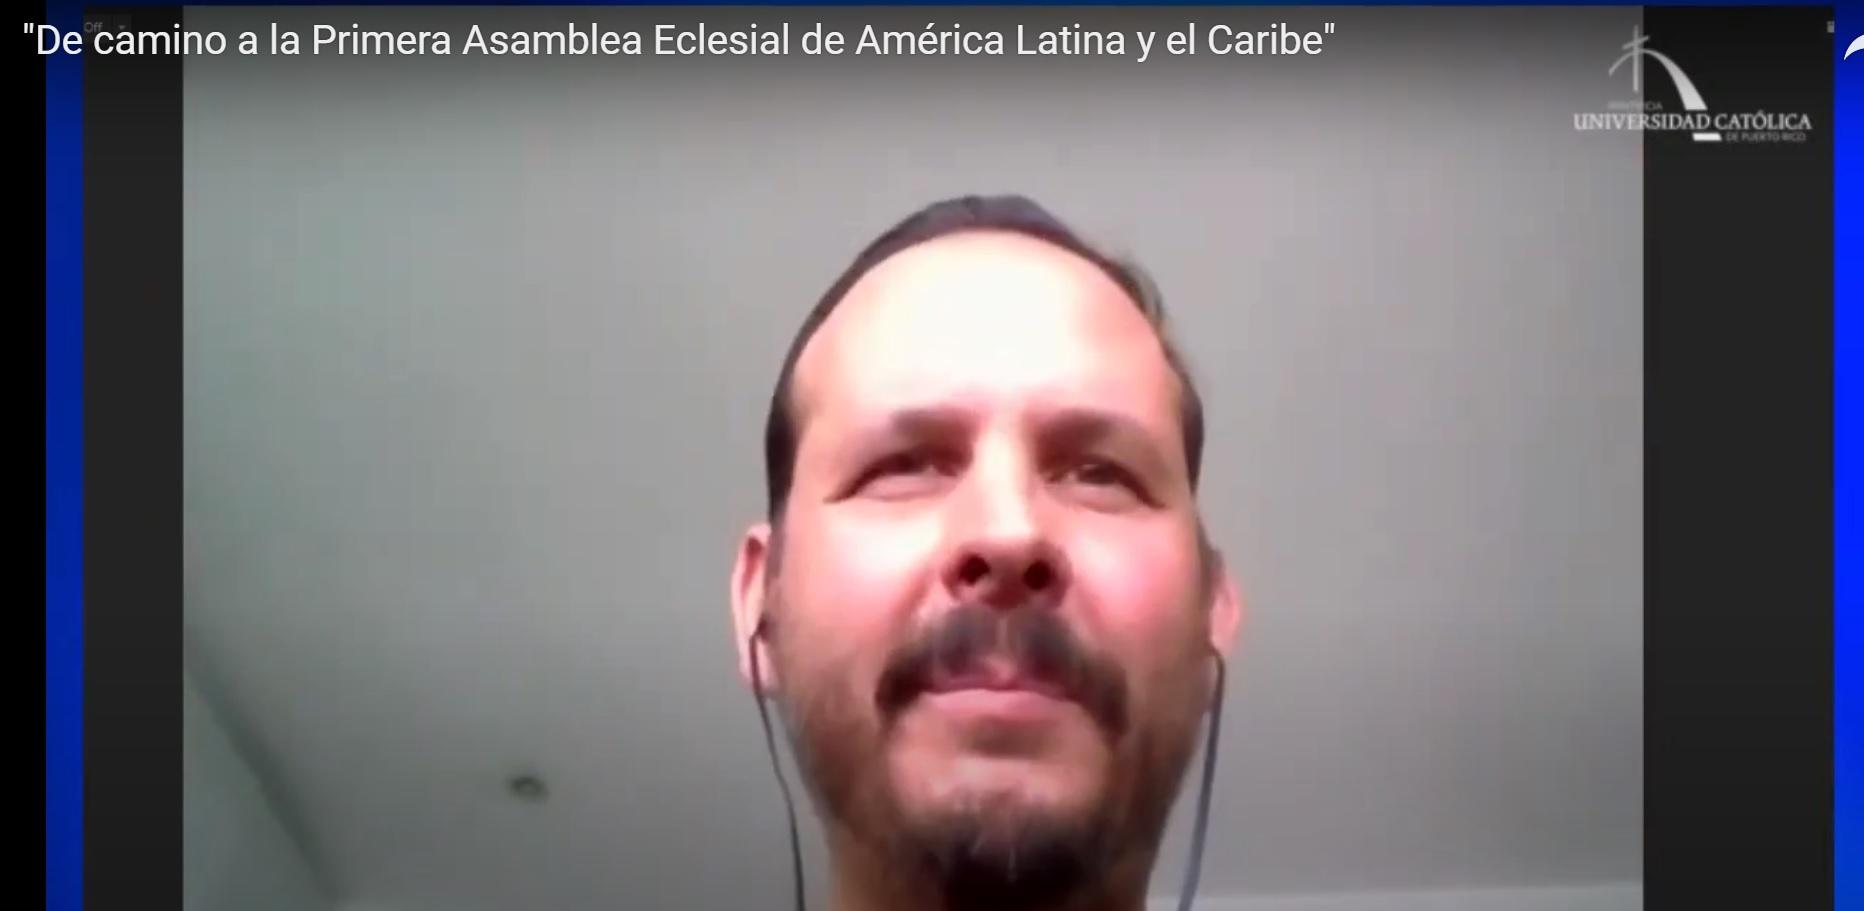 Mauricio López habló sobre la Primera Asamblea Eclesial de América Latina y el Caribe.